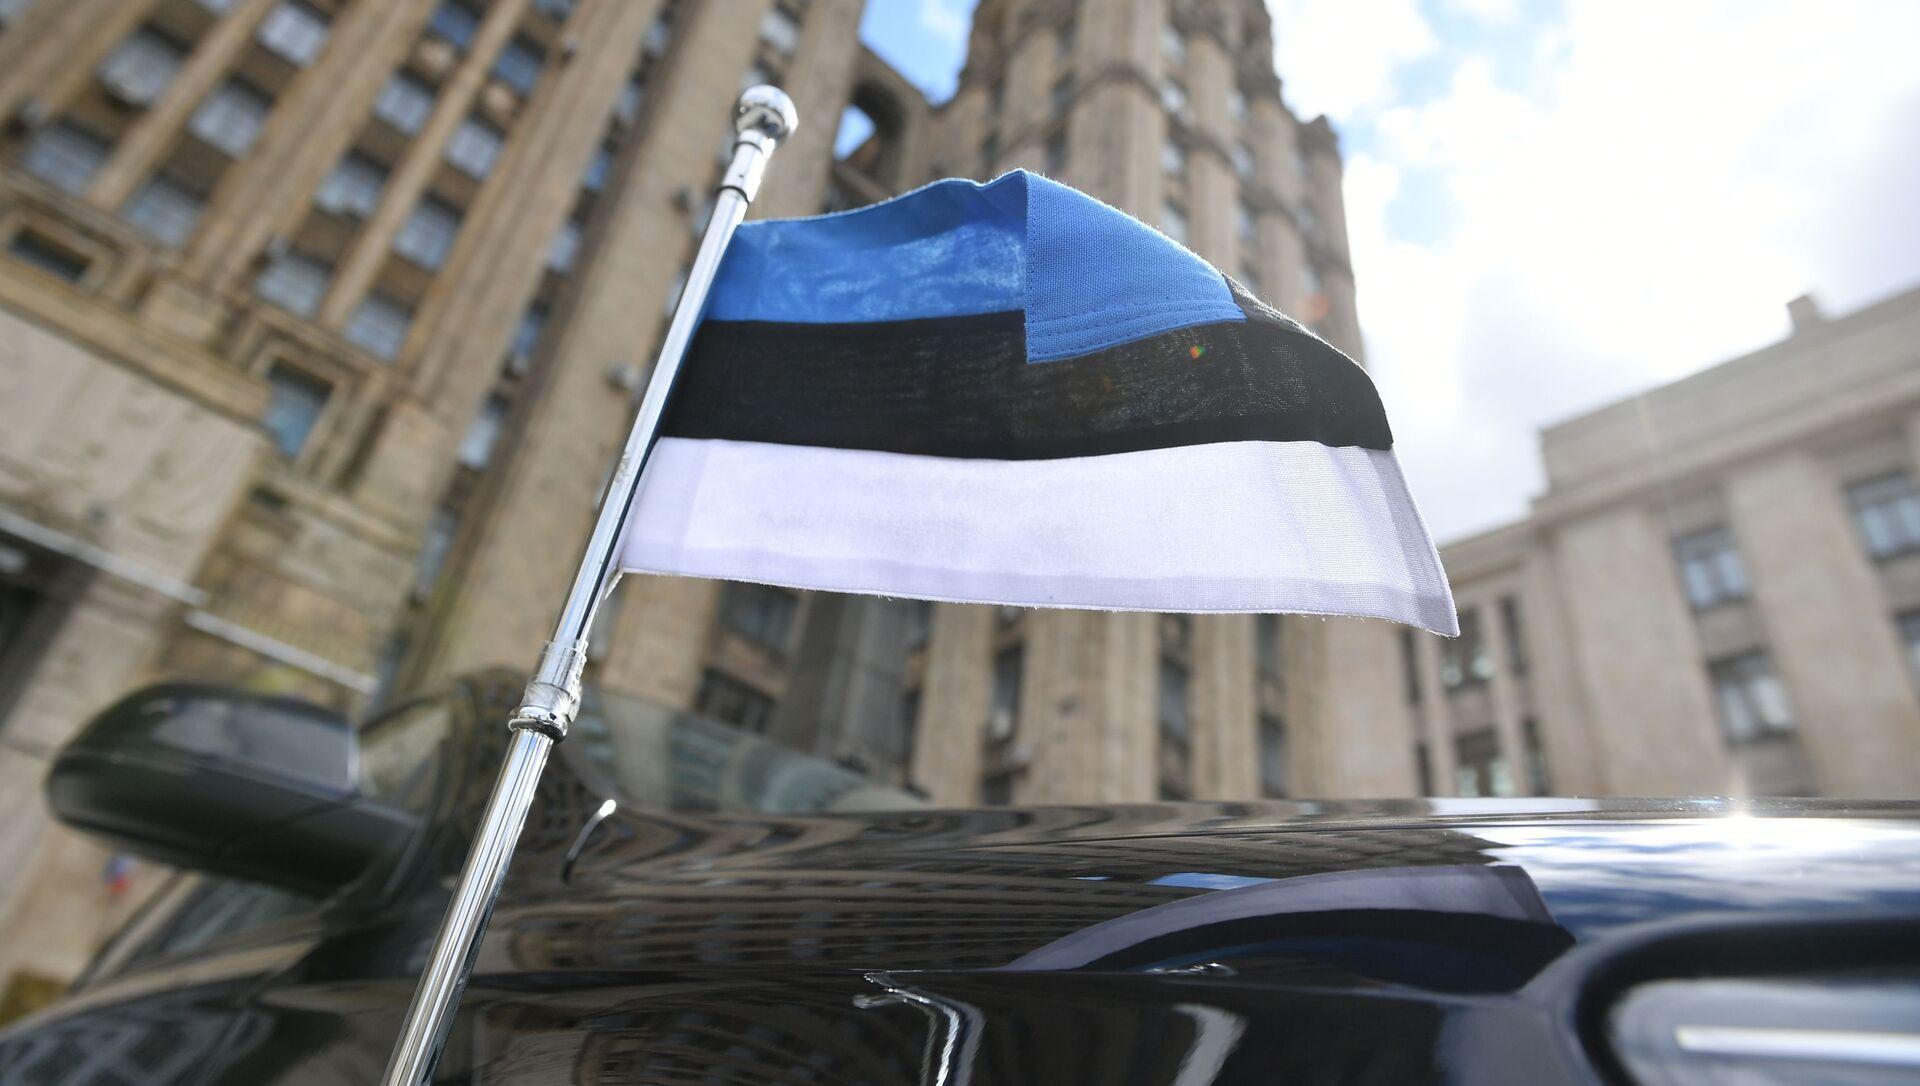 Xe của đại sứ Estonia bên ngoài tòa nhà Bộ Ngoại giao Nga ở Moscow - Sputnik Việt Nam, 1920, 08.07.2021